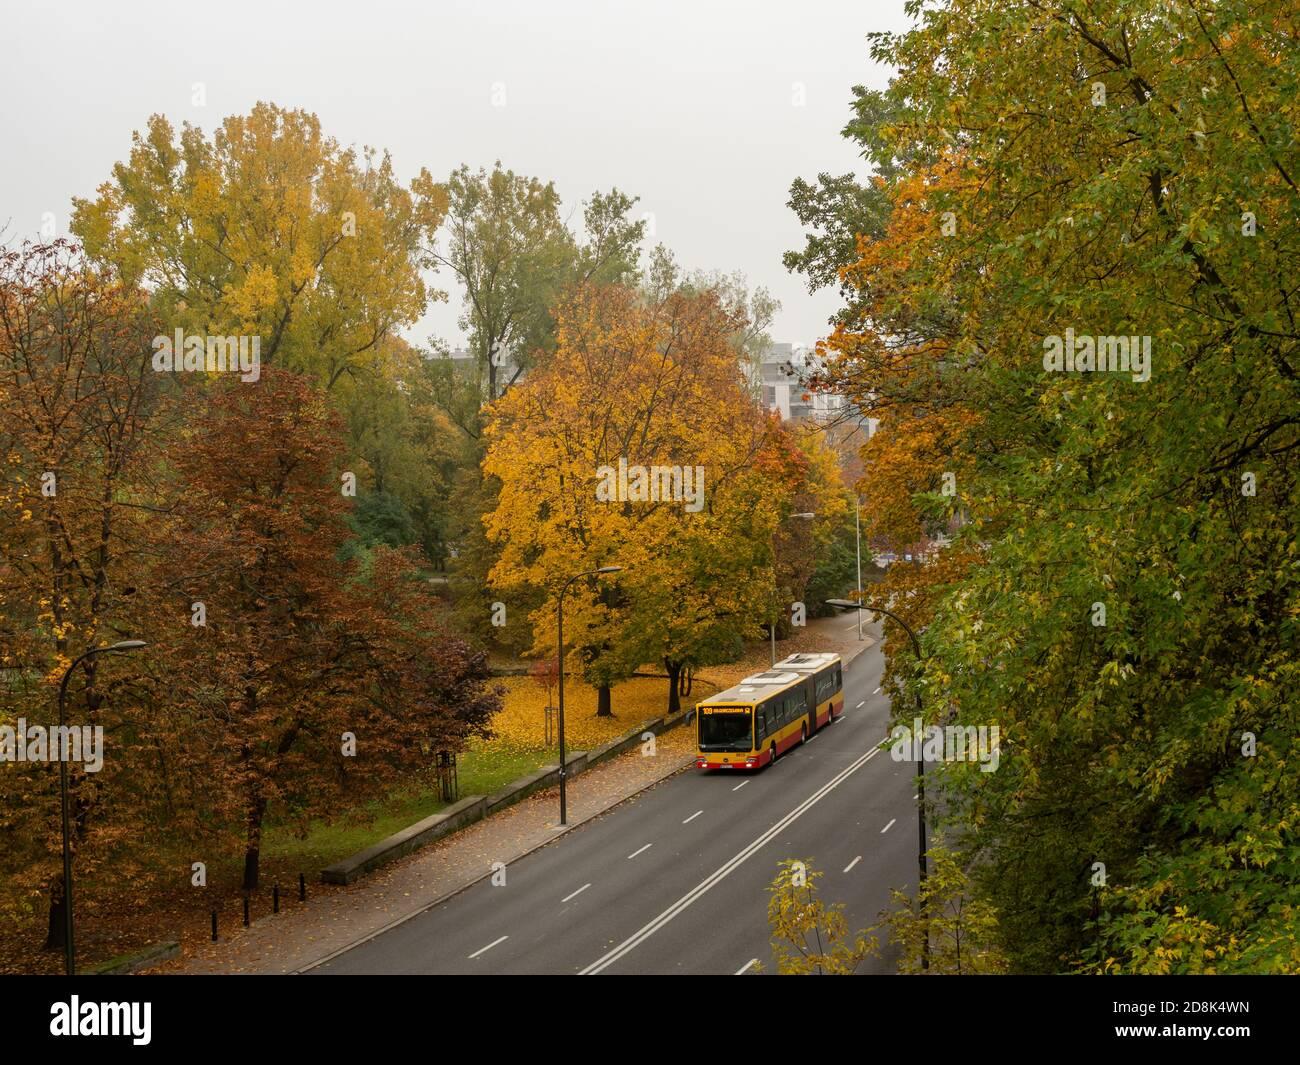 Varsovia/Polonia - 25/10/2020 - calle casi vacía, sólo el autobús público i que conduce por la carretera. Hora de otoño. Foto de stock